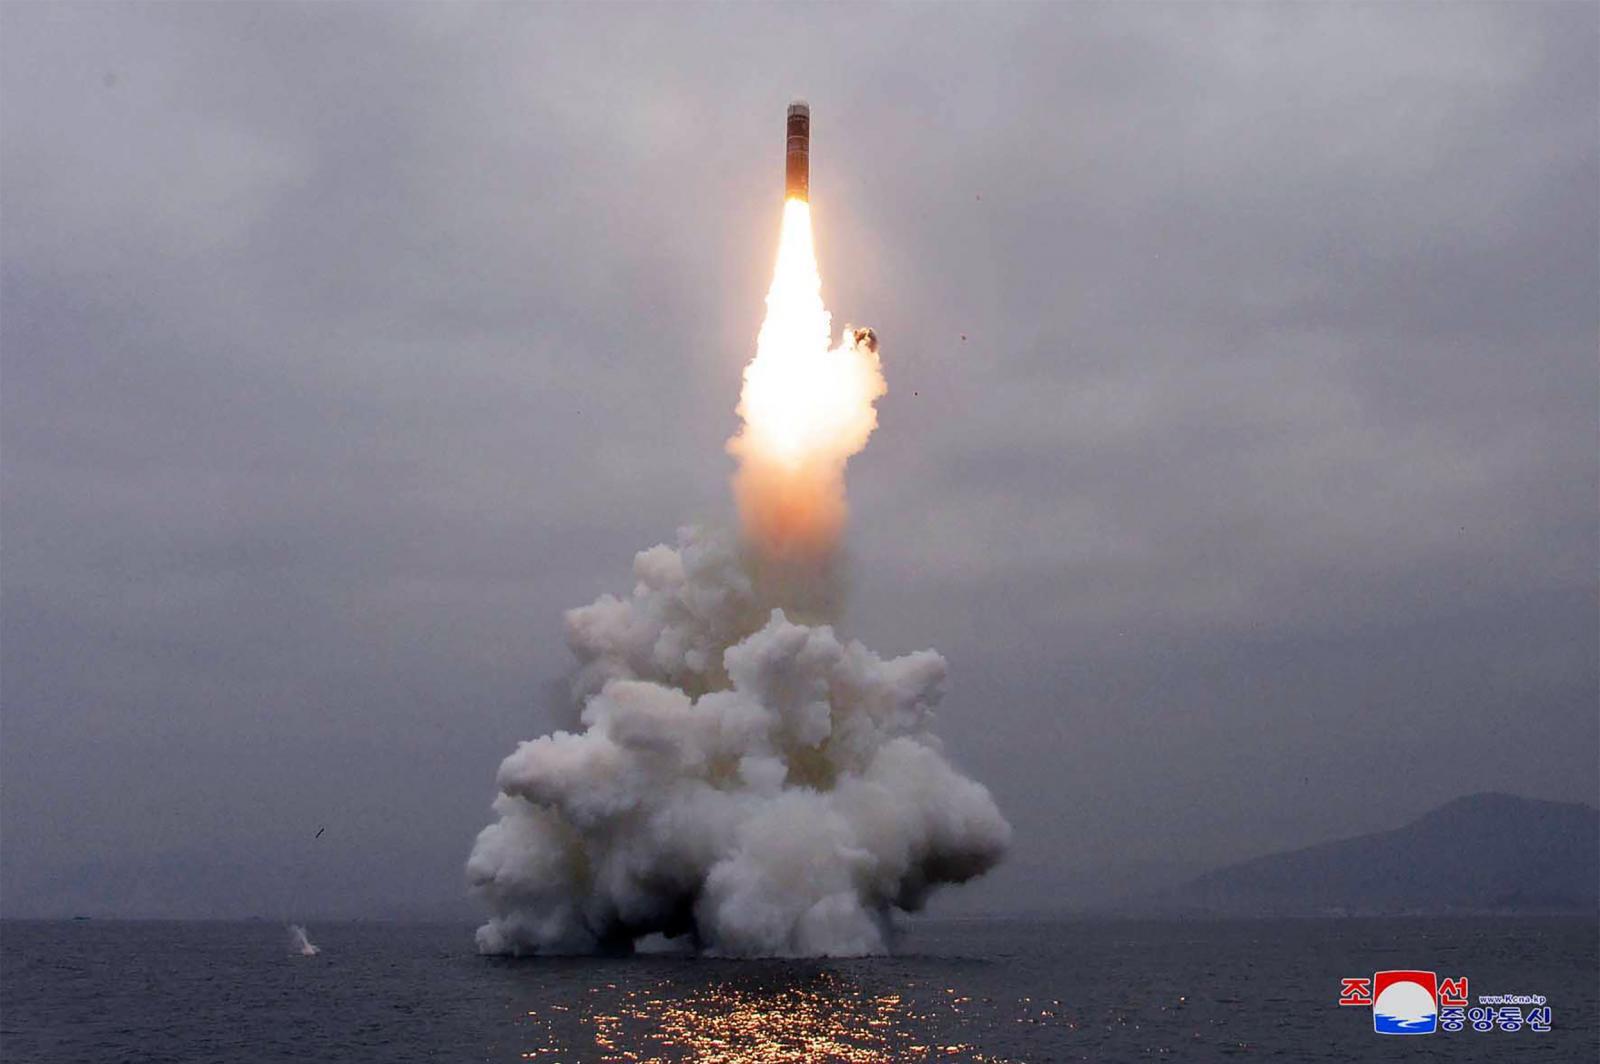 """""""เกาหลีเหนือ"""" โวยเจรจานิวเคลียร์ครั้งใหม่ล่ม – """"สหรัฐฯ"""" โต้จบด้วยดี"""